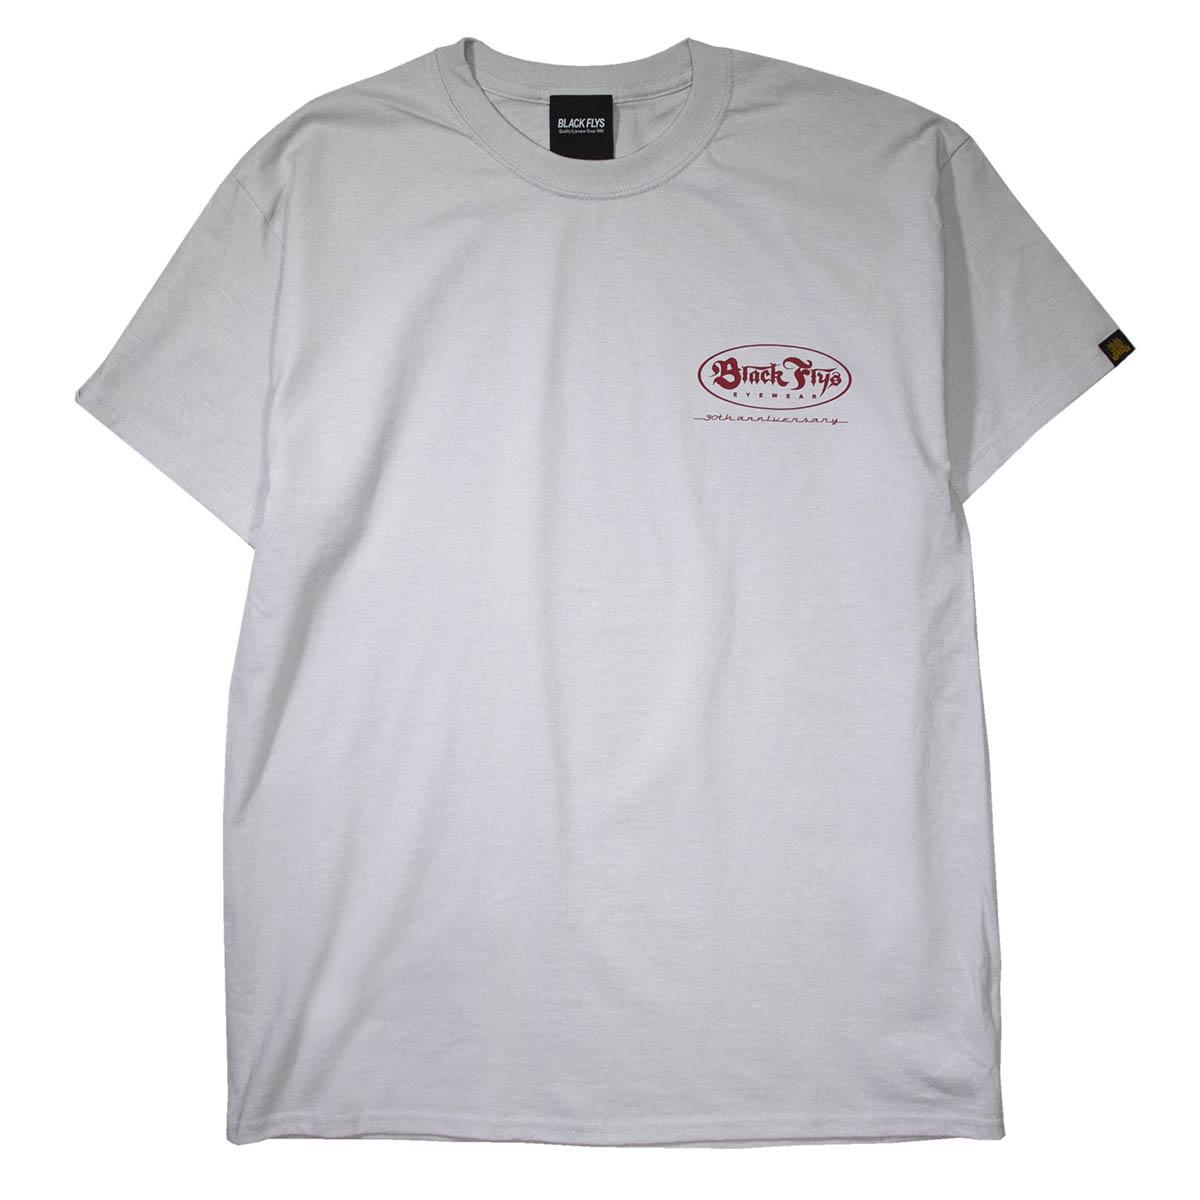 OVAL OG S/S T-SHIRTS